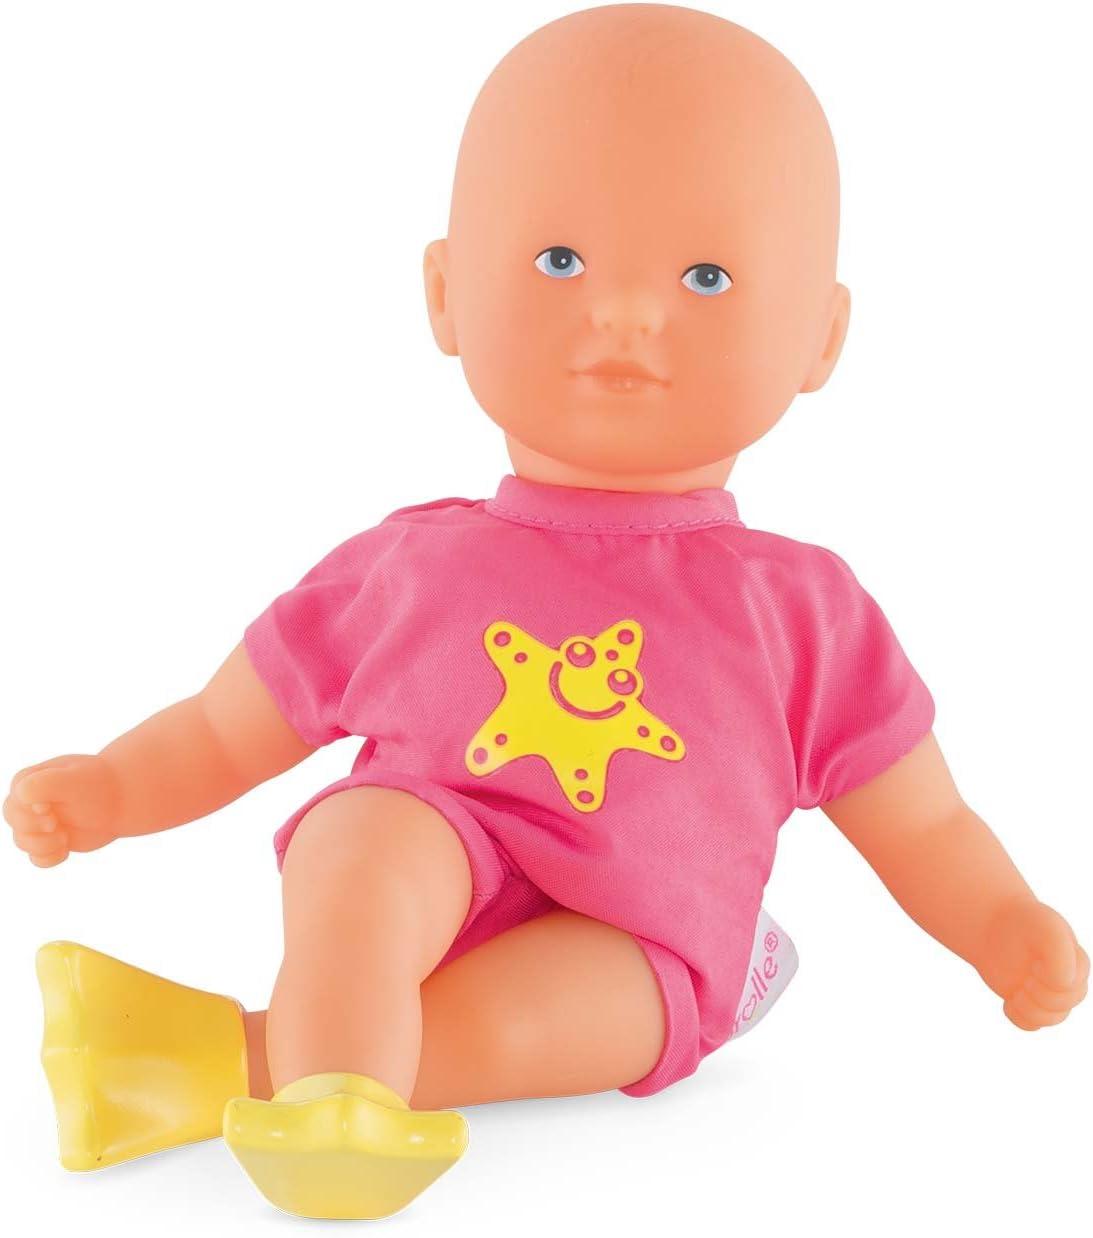 Corolle Mon Premier Poupon Mini Bath Pink Toy Baby Doll